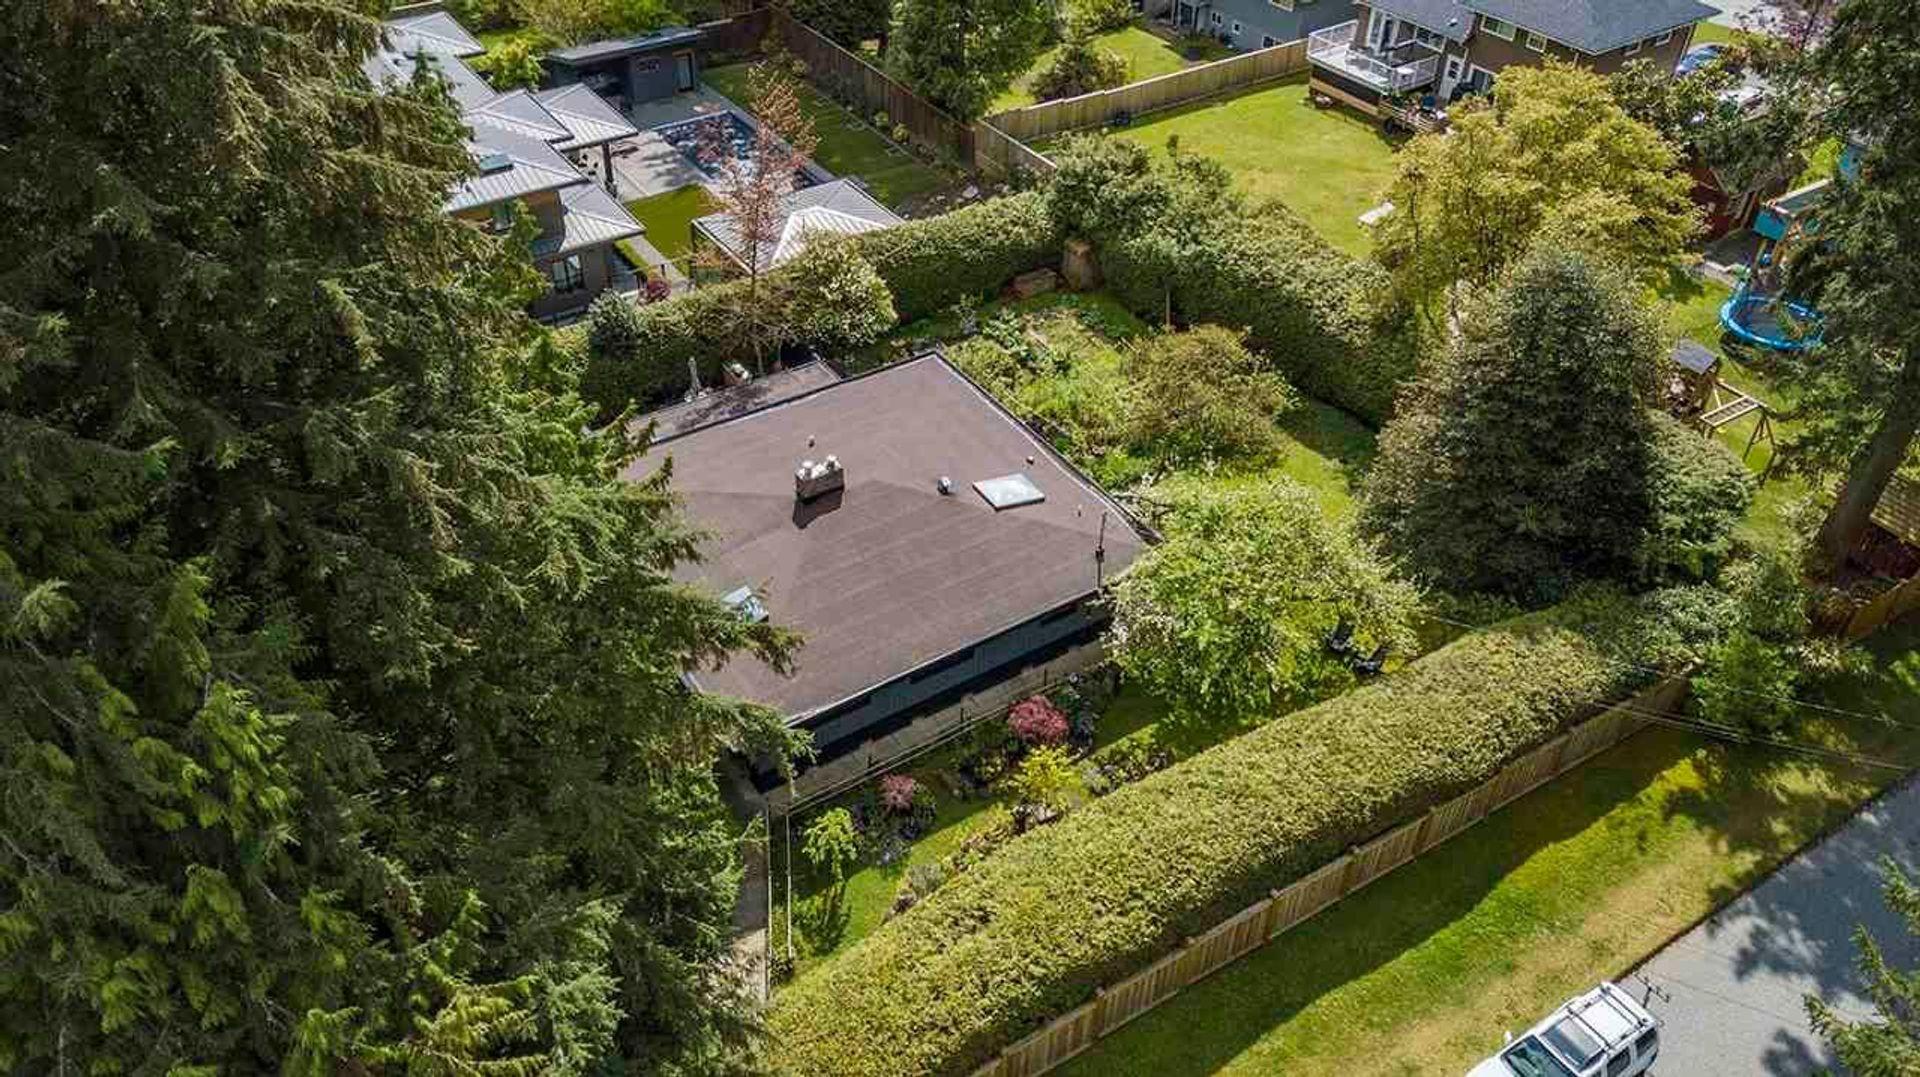 3290-regent-avenue-princess-park-north-vancouver-22 at 3290 Regent Avenue, Princess Park, North Vancouver